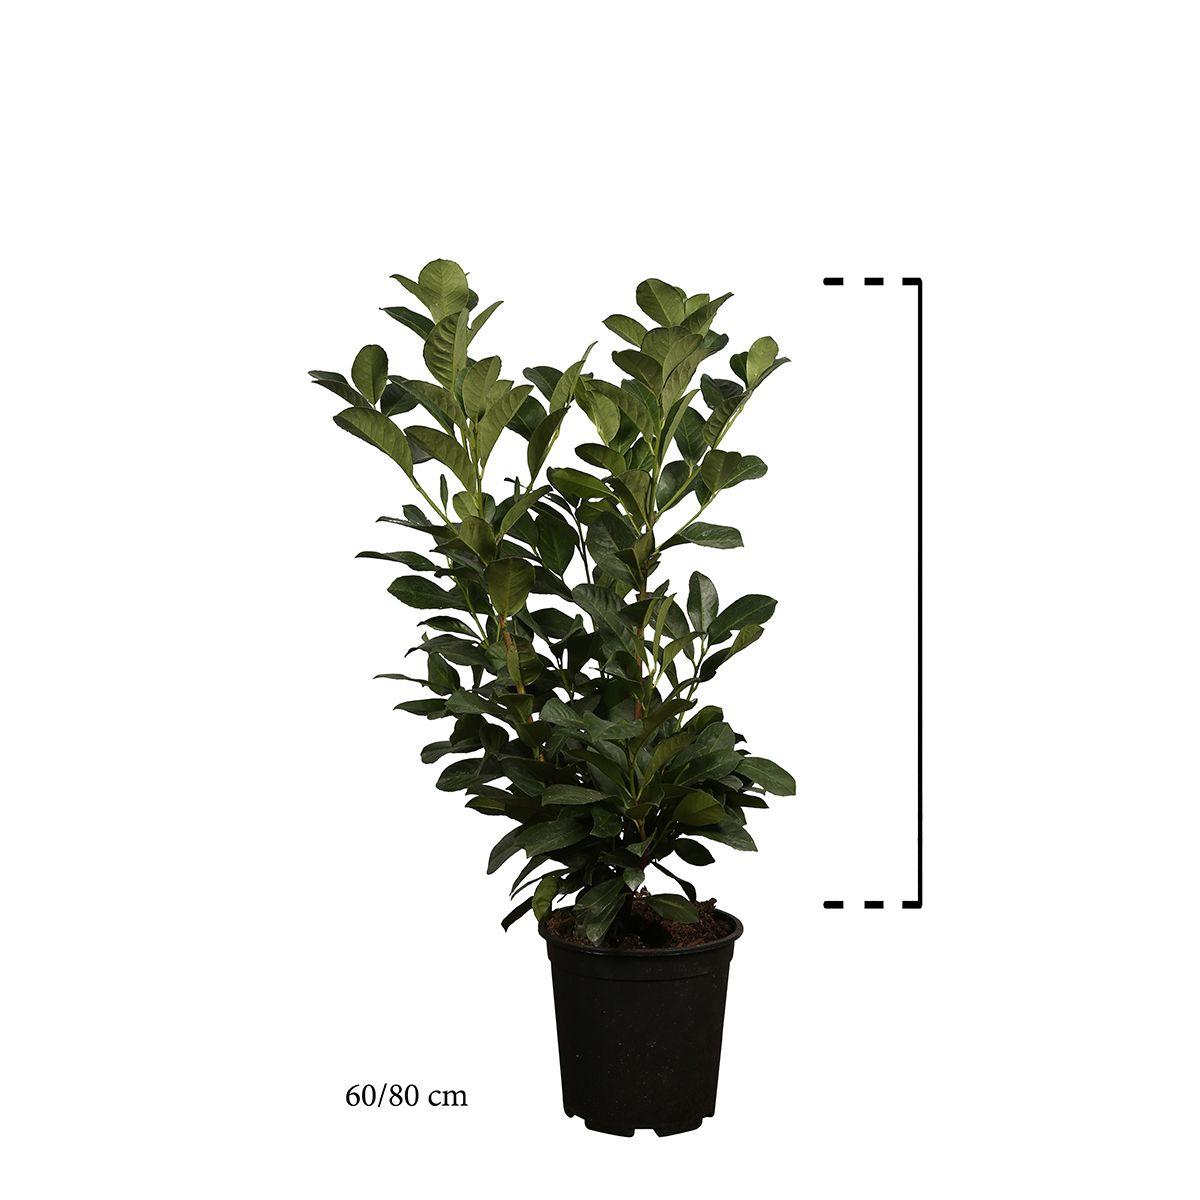 Kirschlorbeer 'Etna'  Topf 60-80 cm Extra Qualtität